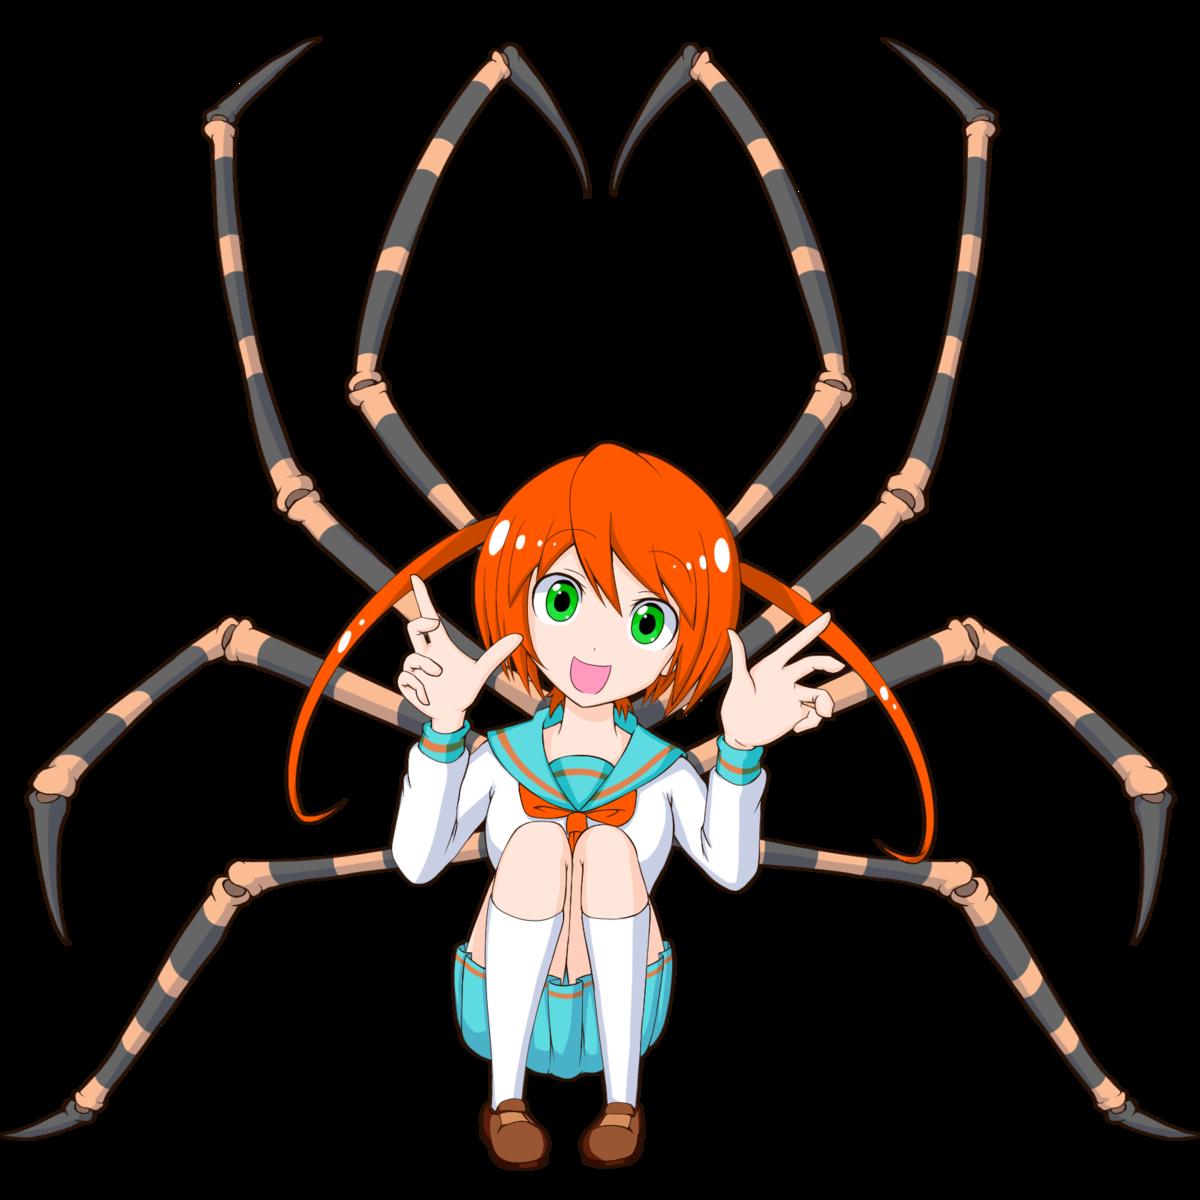 ゲーム用 フリー素材 敵キャラ クモ娘